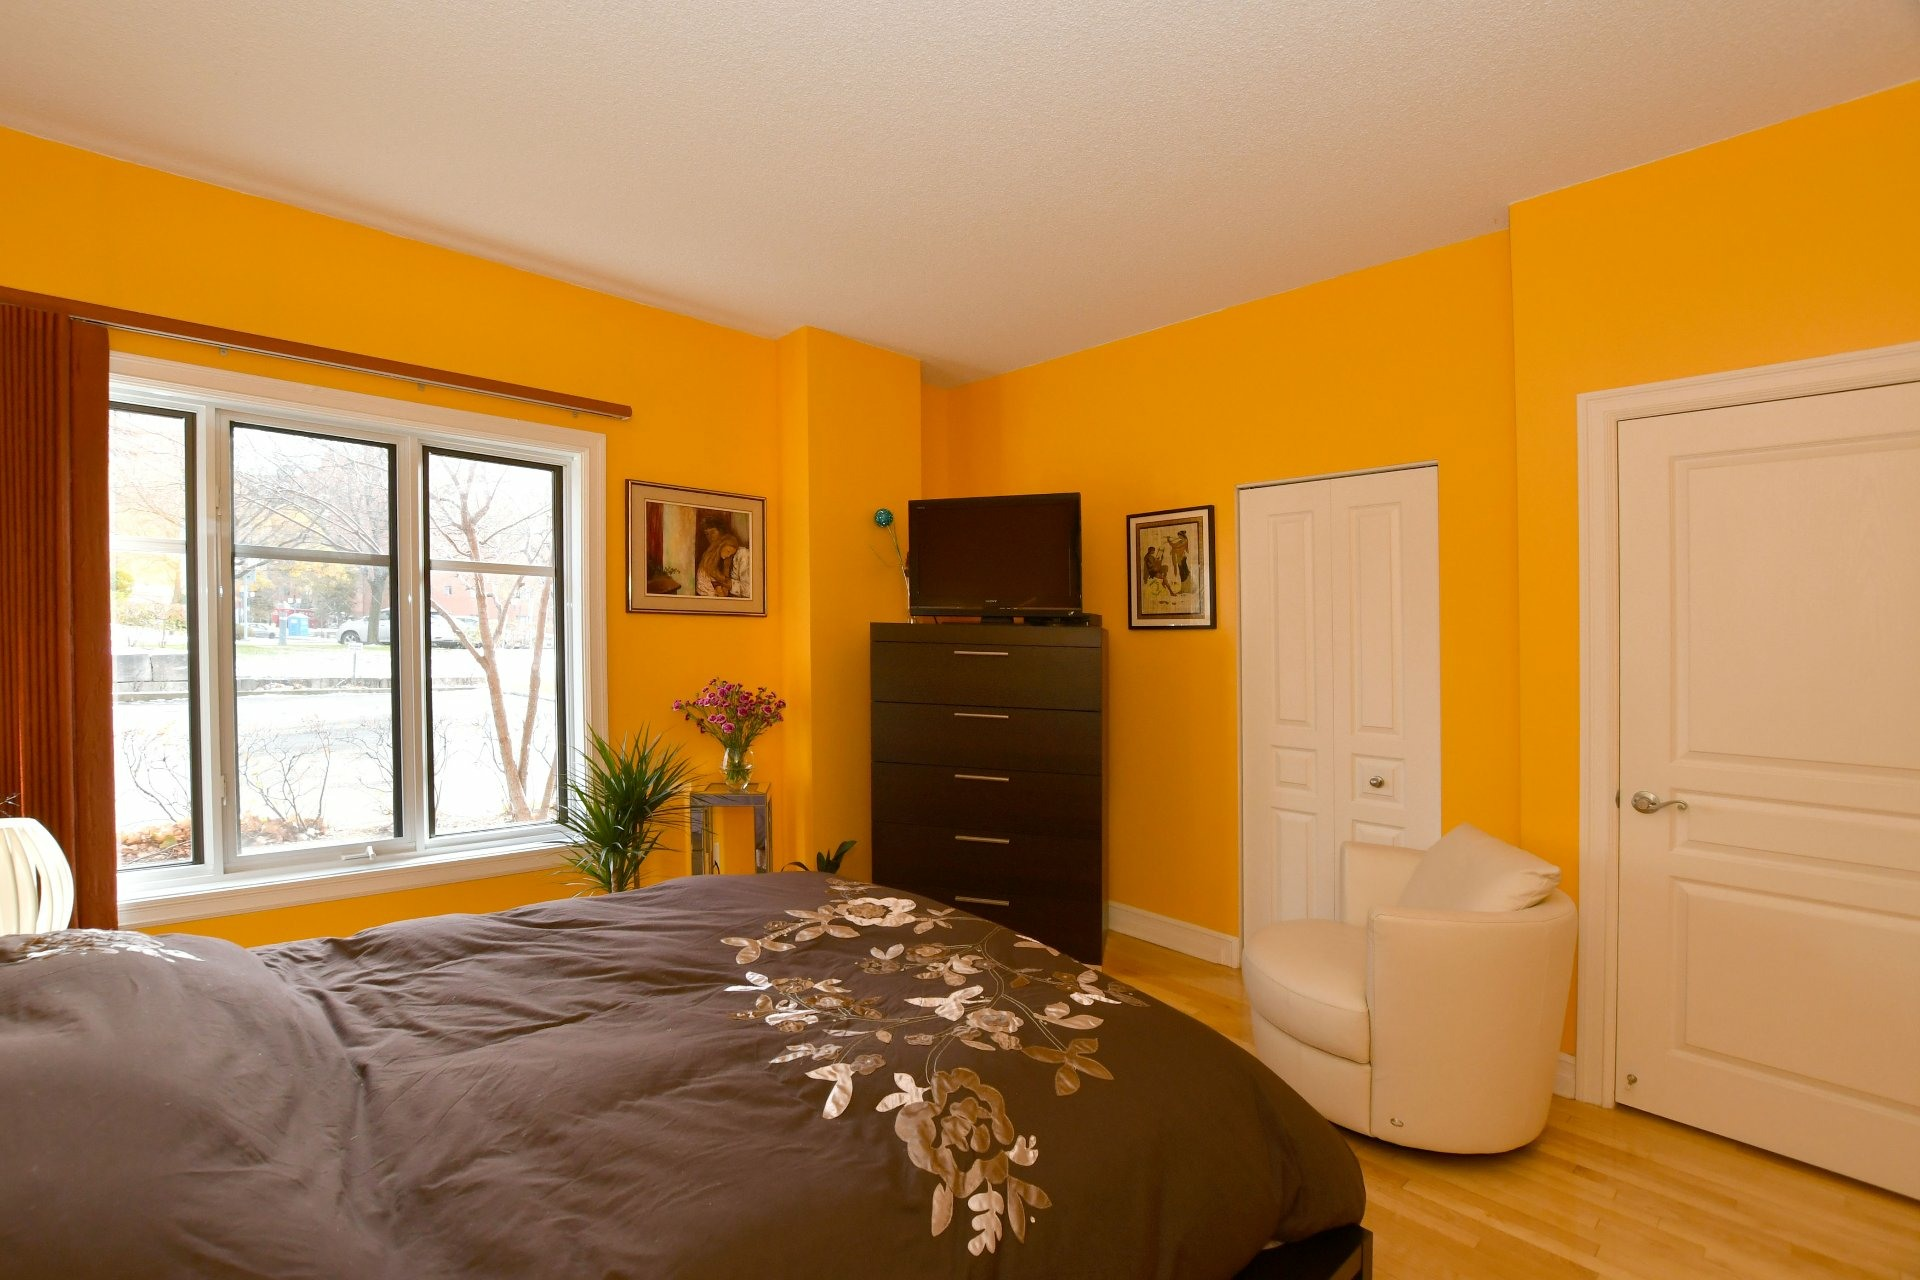 image 9 - Apartment For sale Saint-Laurent Montréal  - 5 rooms